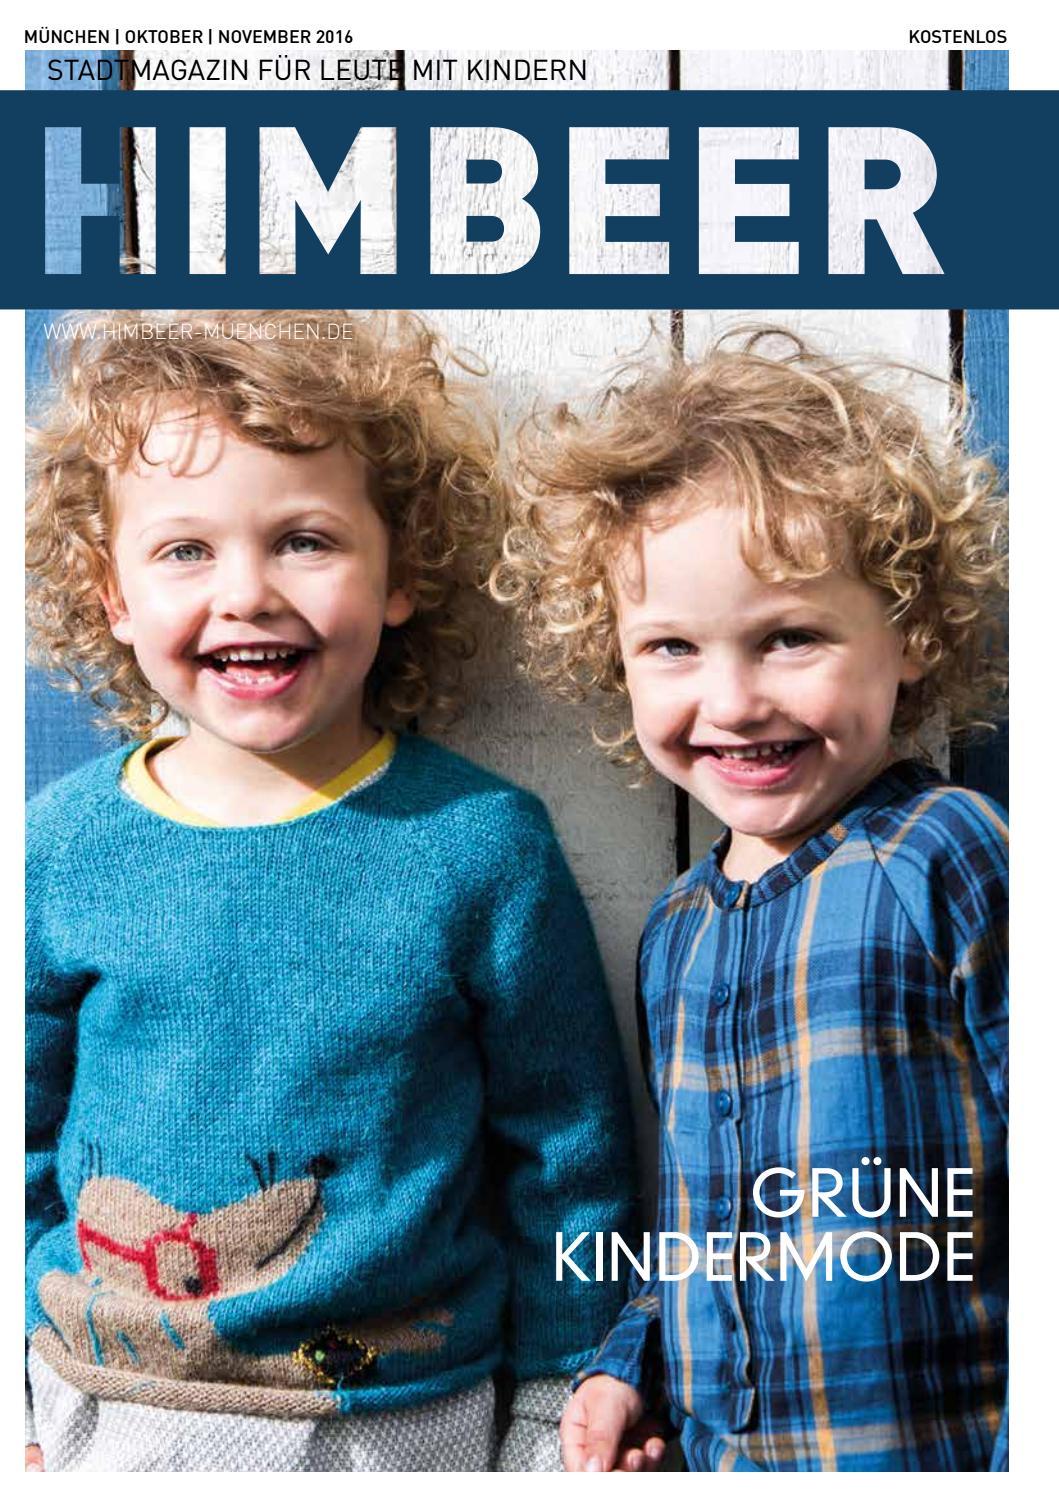 57c4a8c93af3ab HIMBEER MÜNCHEN OKT NOV 2016 by HIMBEER Verlag - issuu